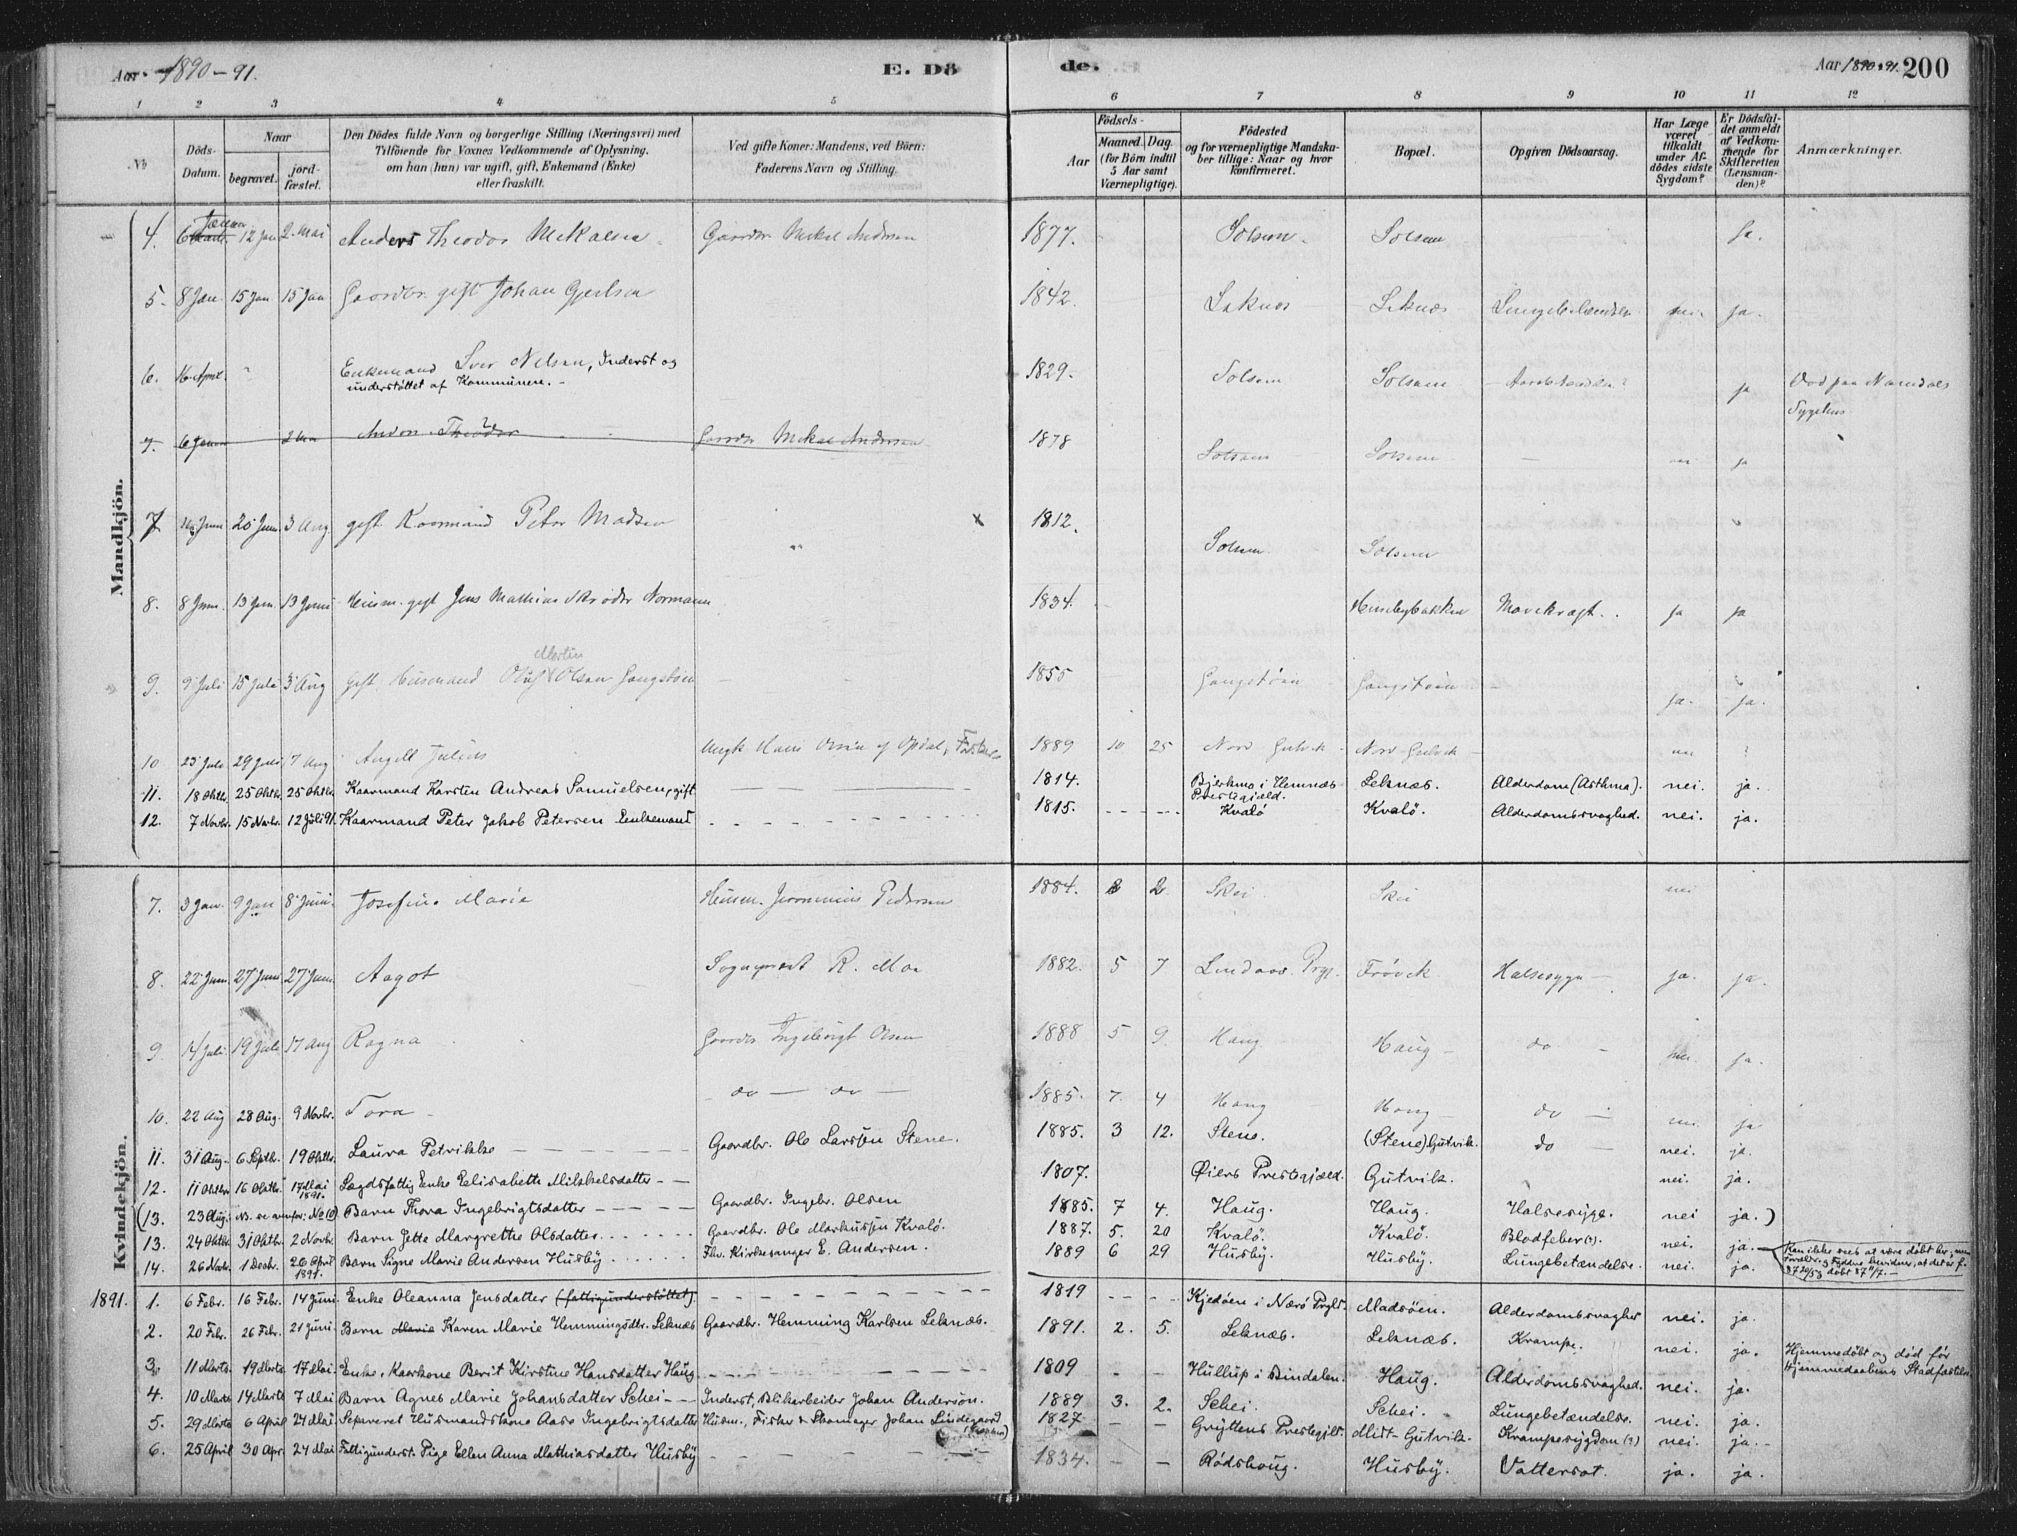 SAT, Ministerialprotokoller, klokkerbøker og fødselsregistre - Nord-Trøndelag, 788/L0697: Ministerialbok nr. 788A04, 1878-1902, s. 200